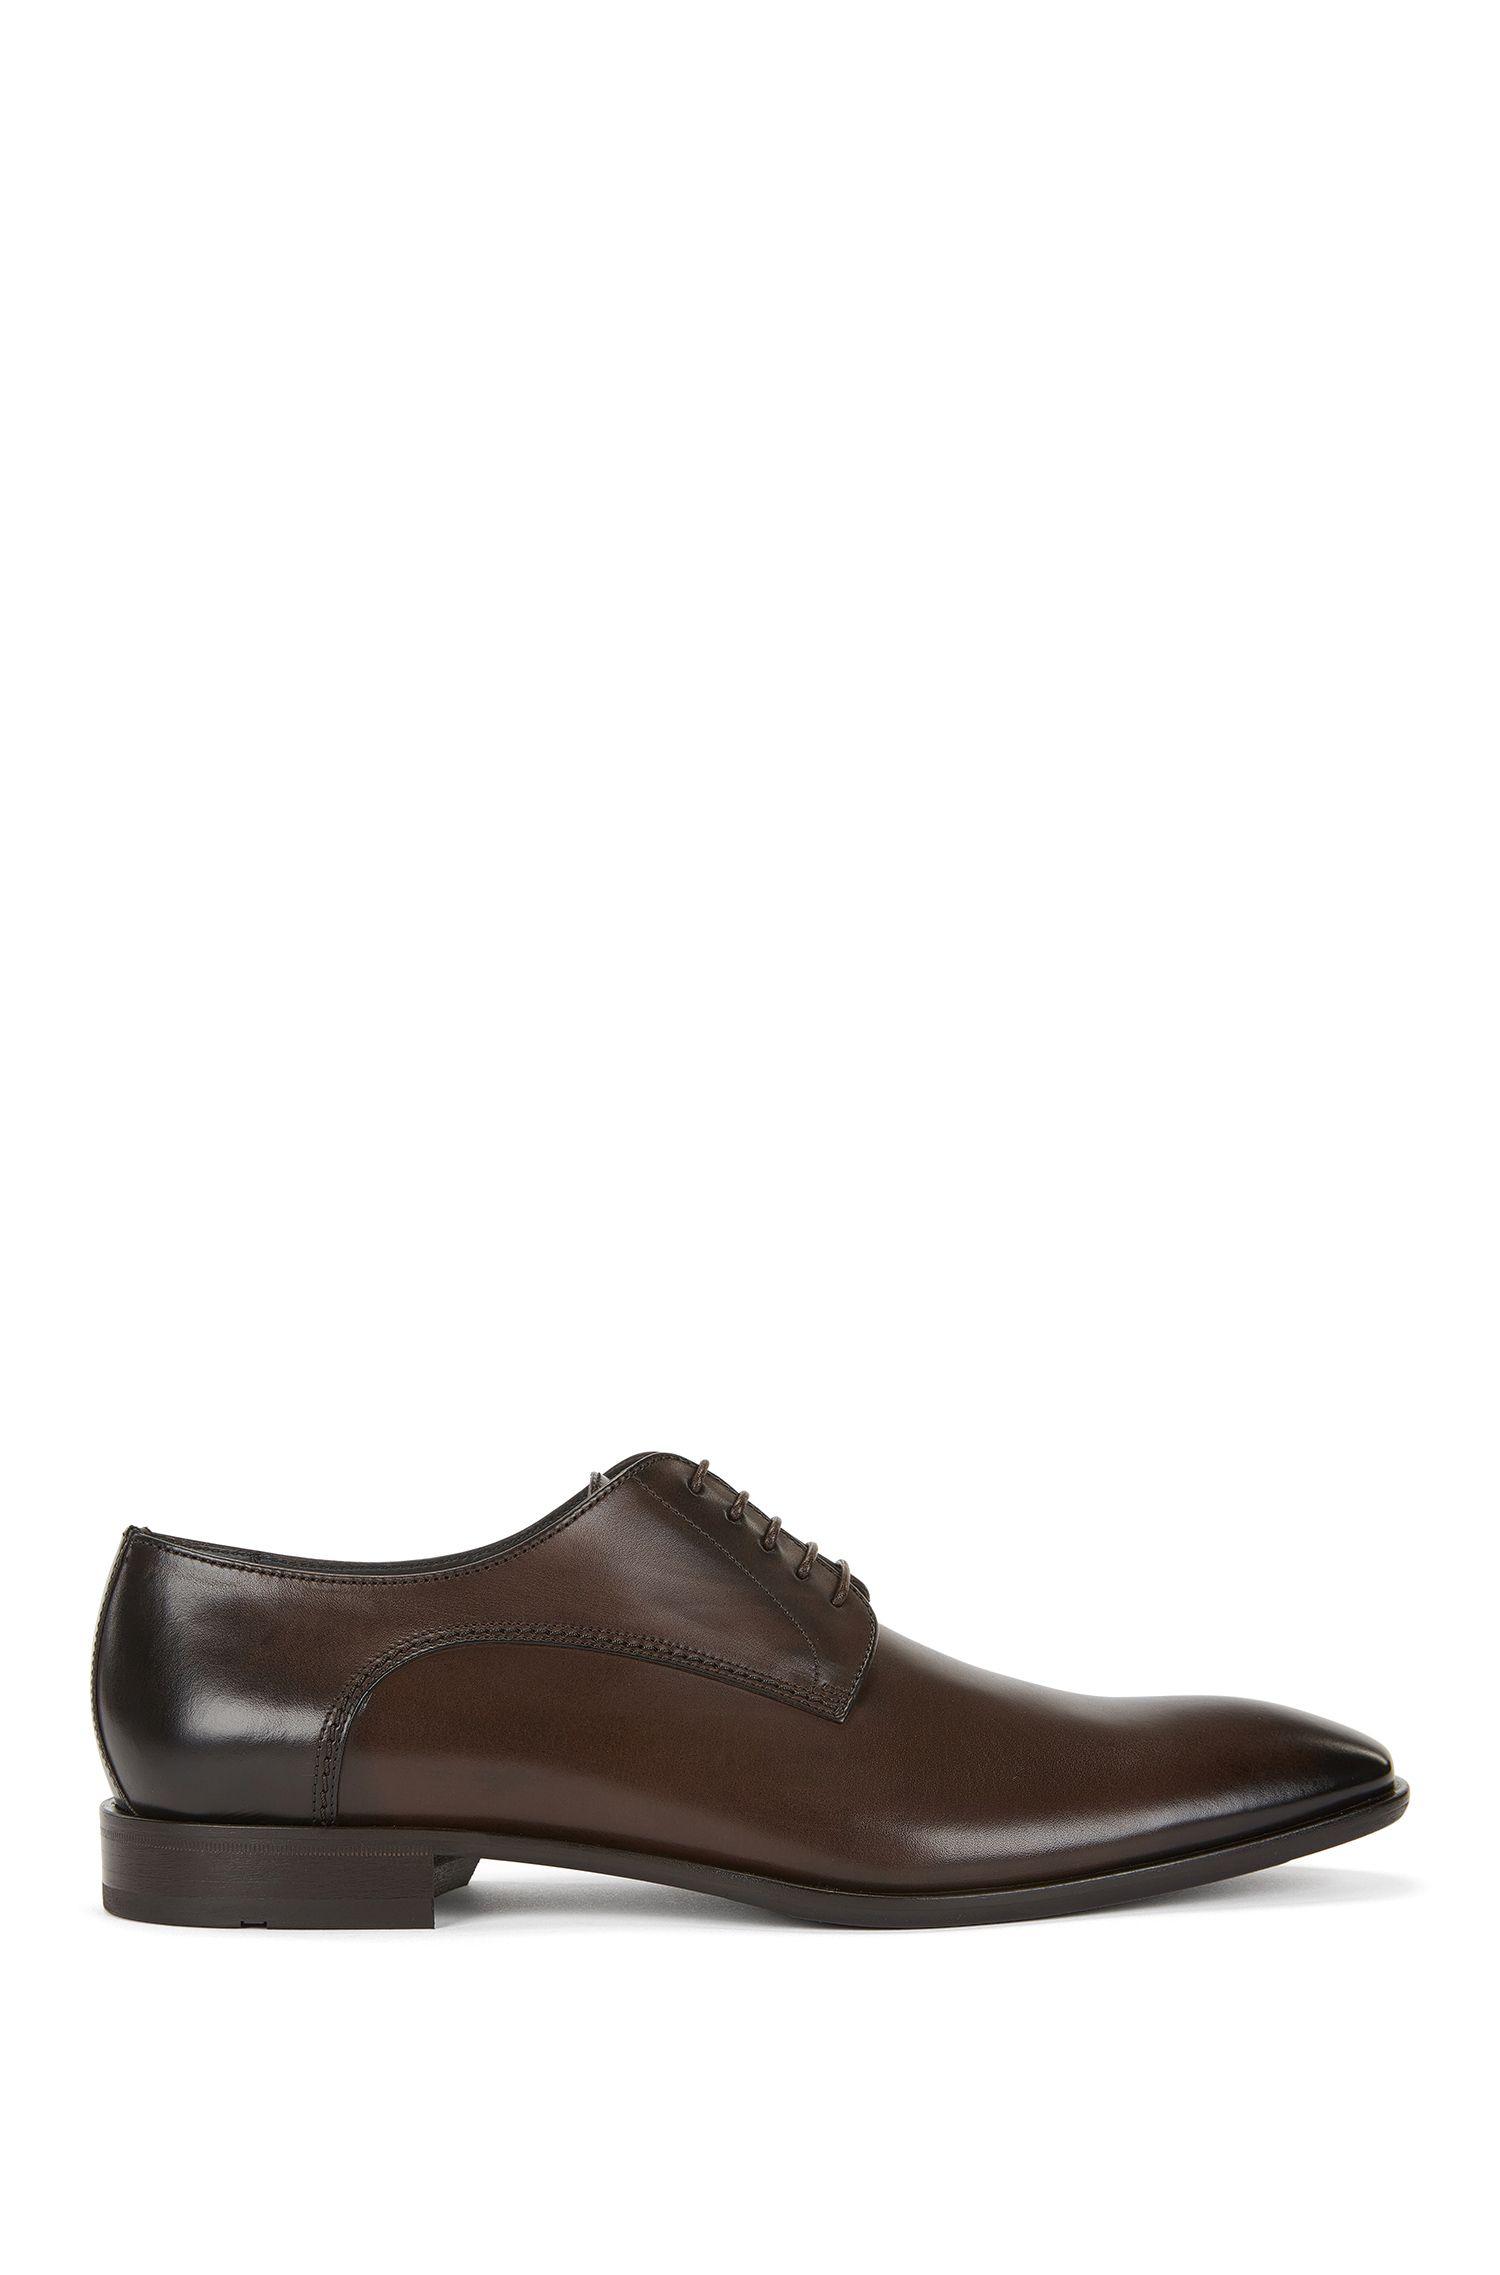 Chaussures Oxford en cuir finition vieillie